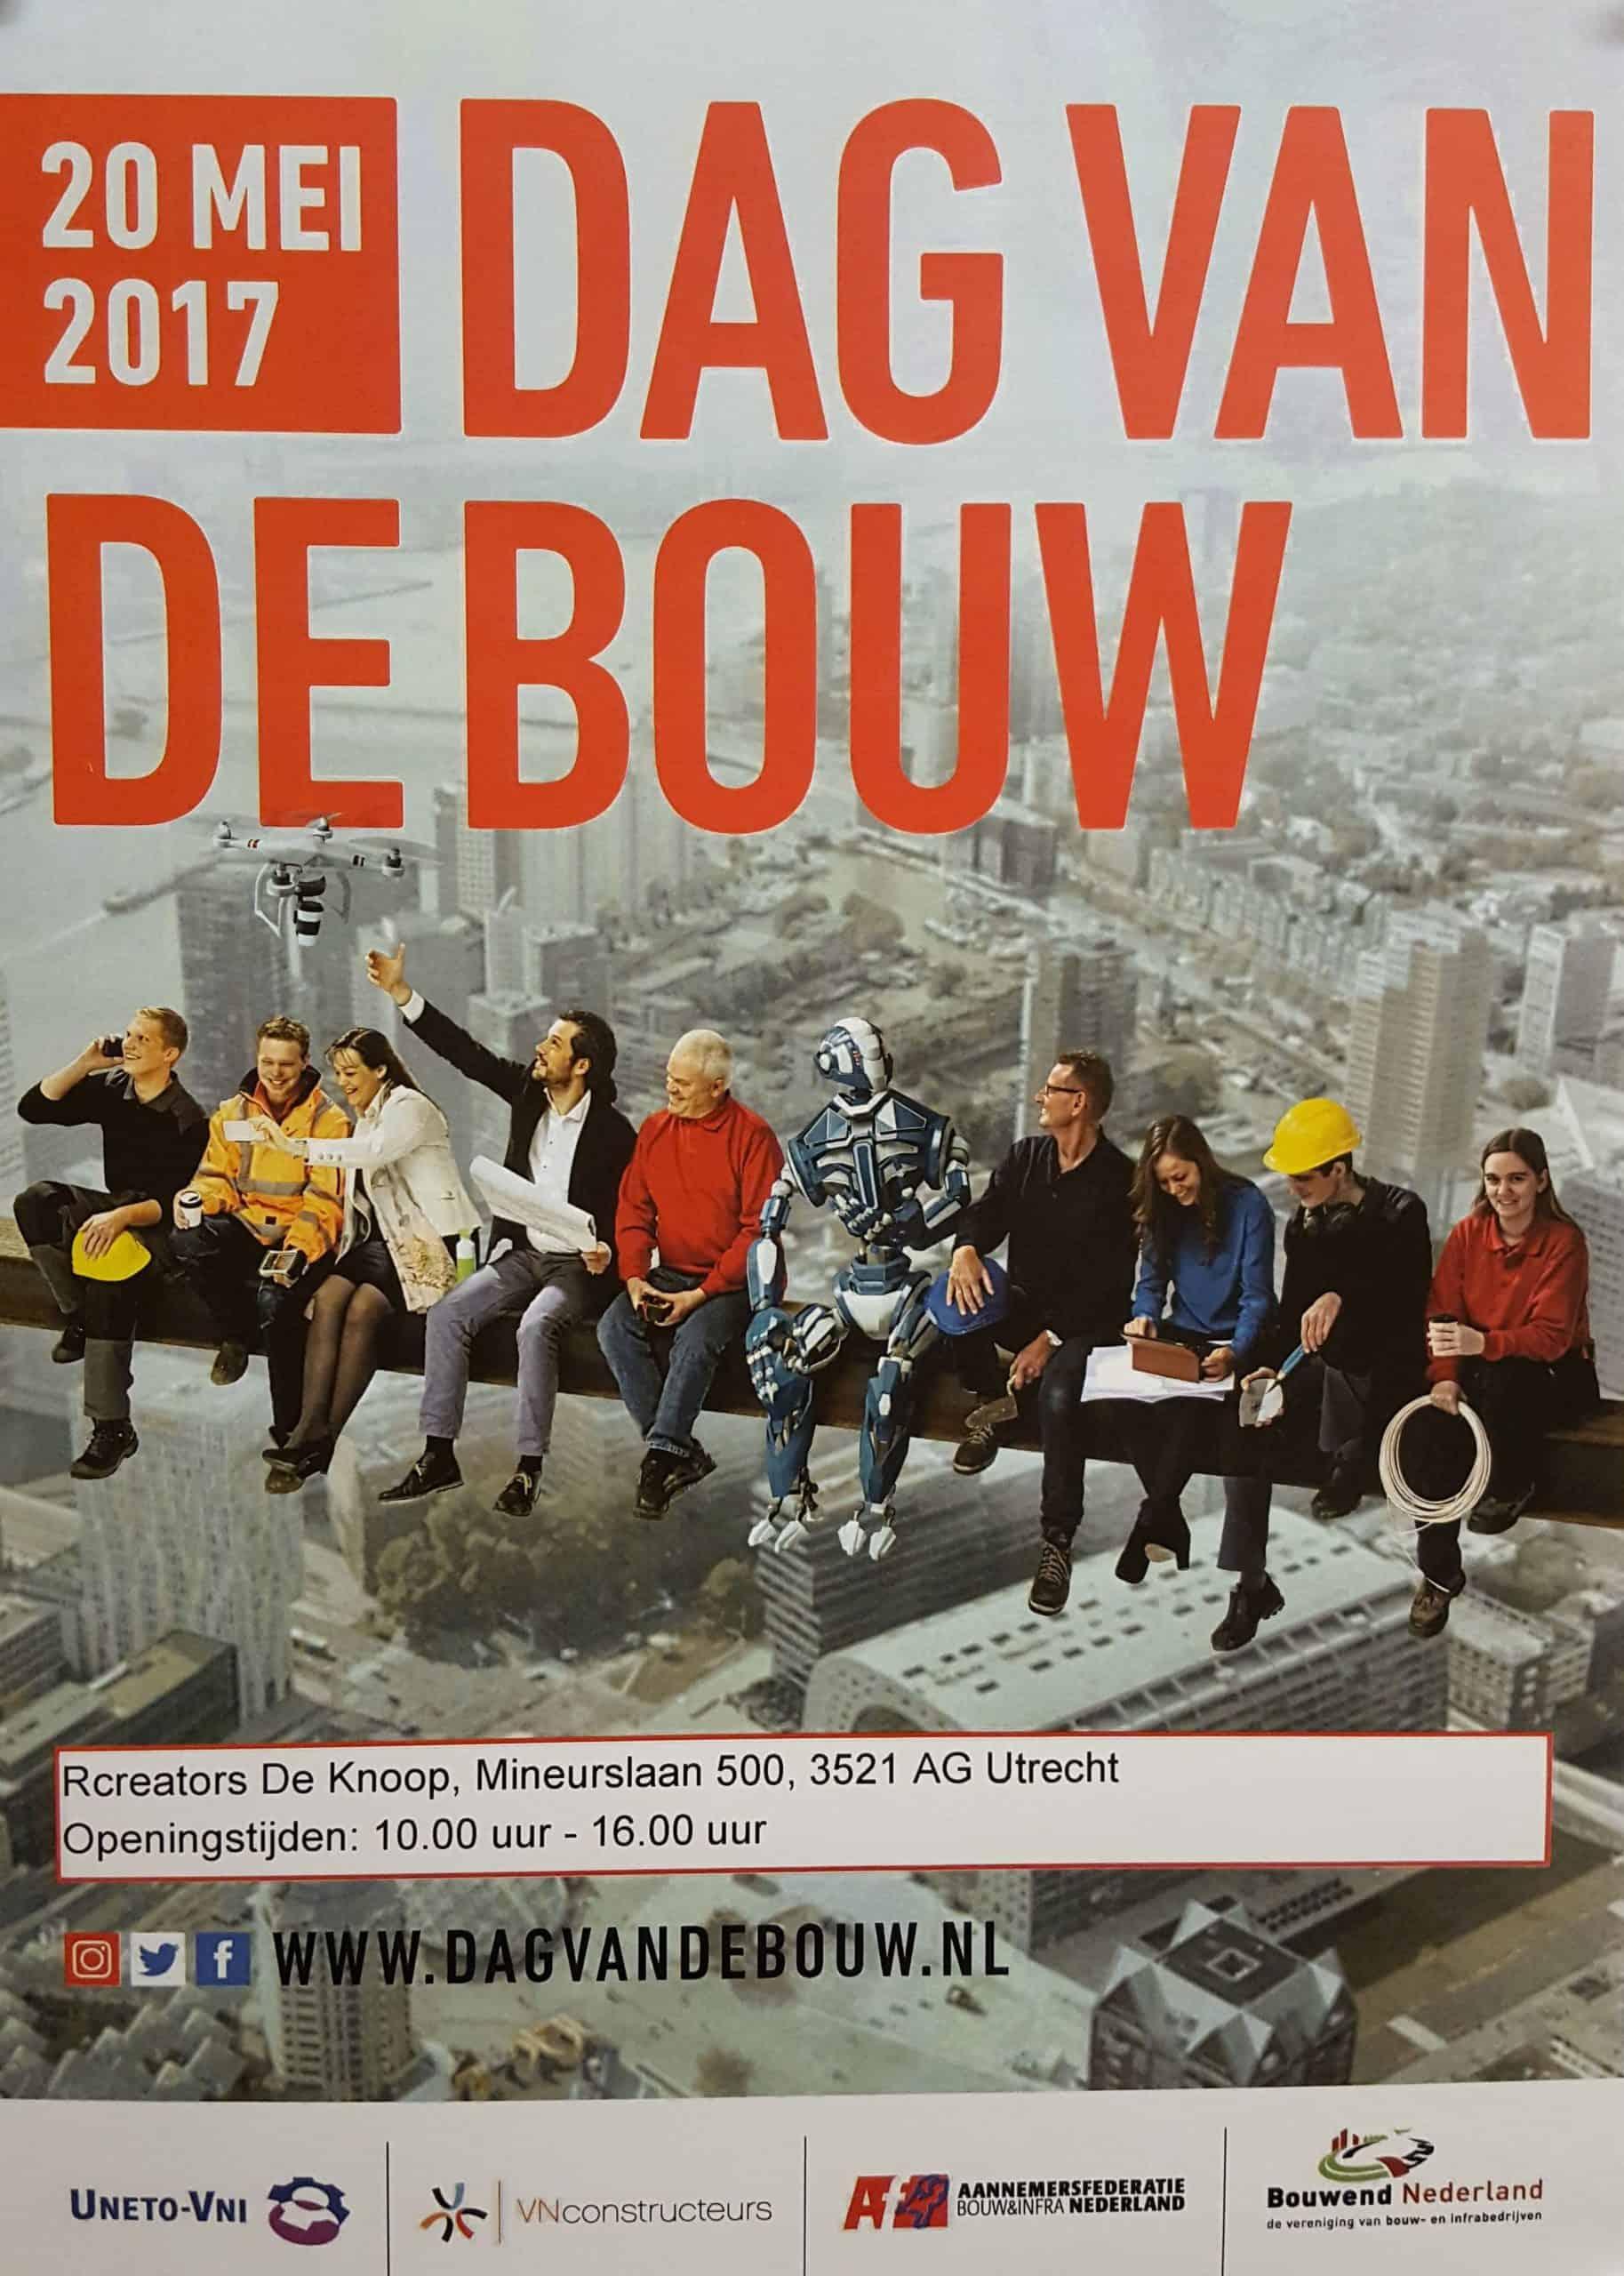 Dag-van-de-Bouw-RCreators-De-Knoop-Utrecht-3-scaled